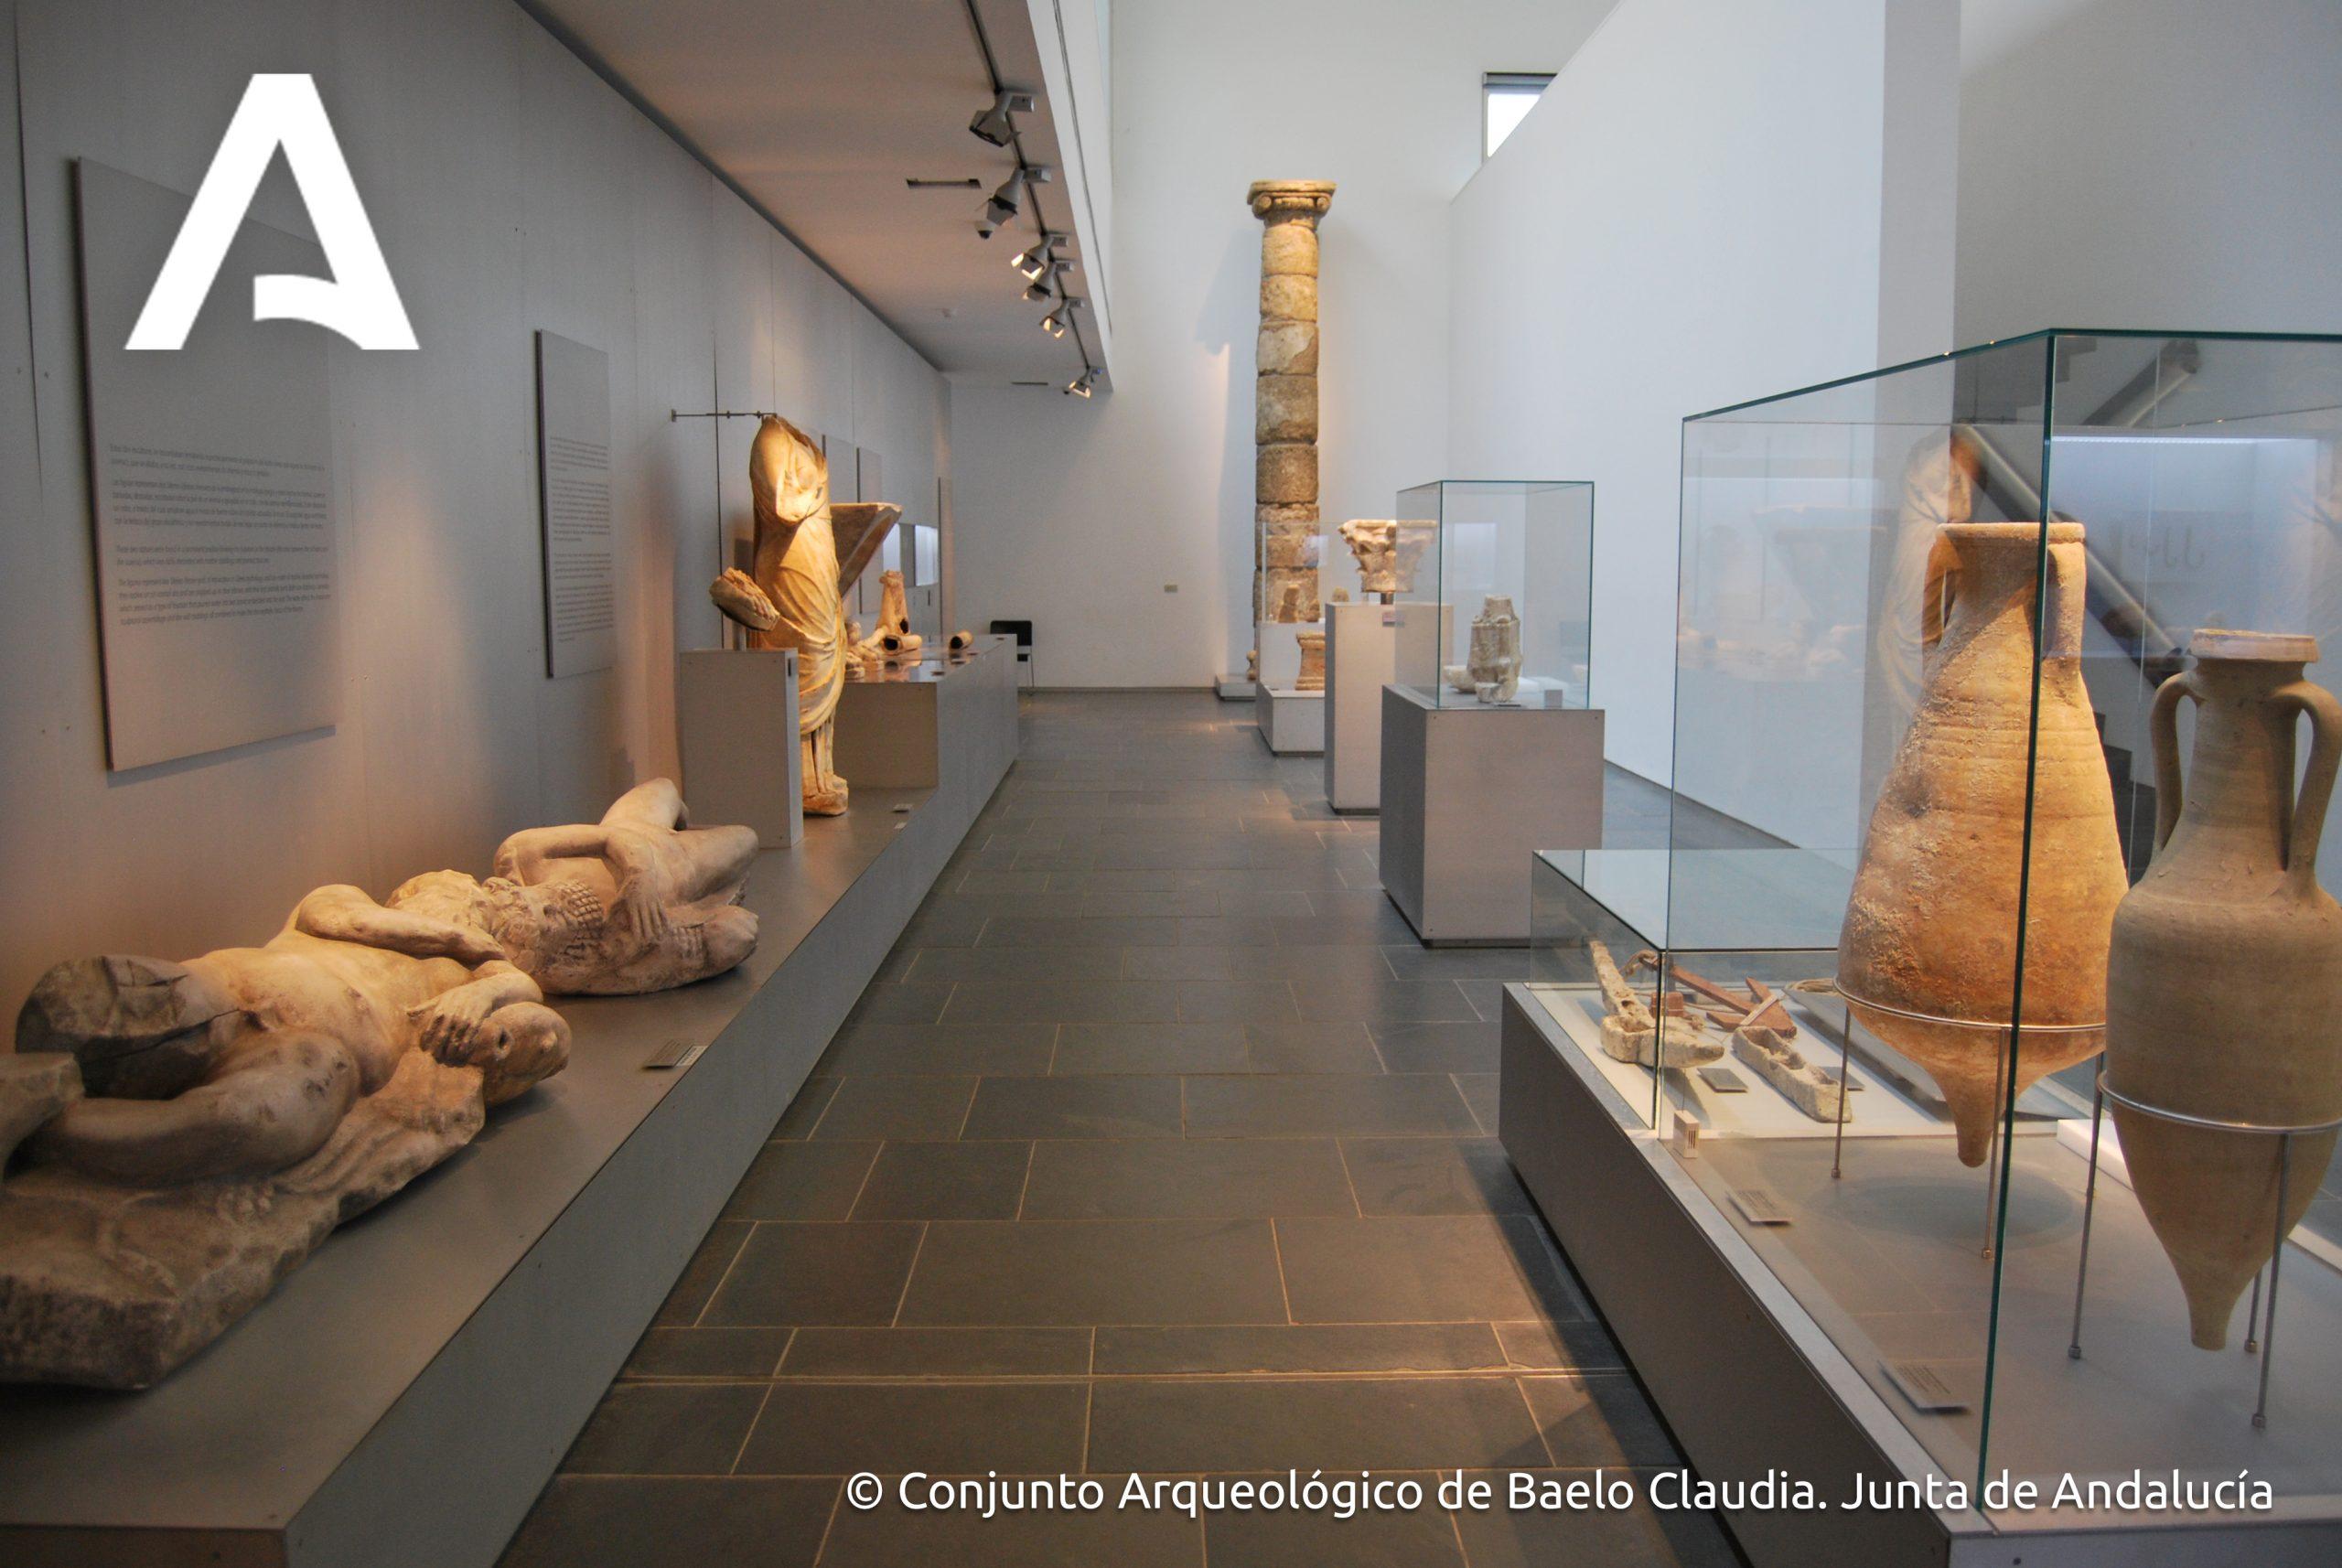 Visita al Conjunto Arqueológico de Baelo Claudia